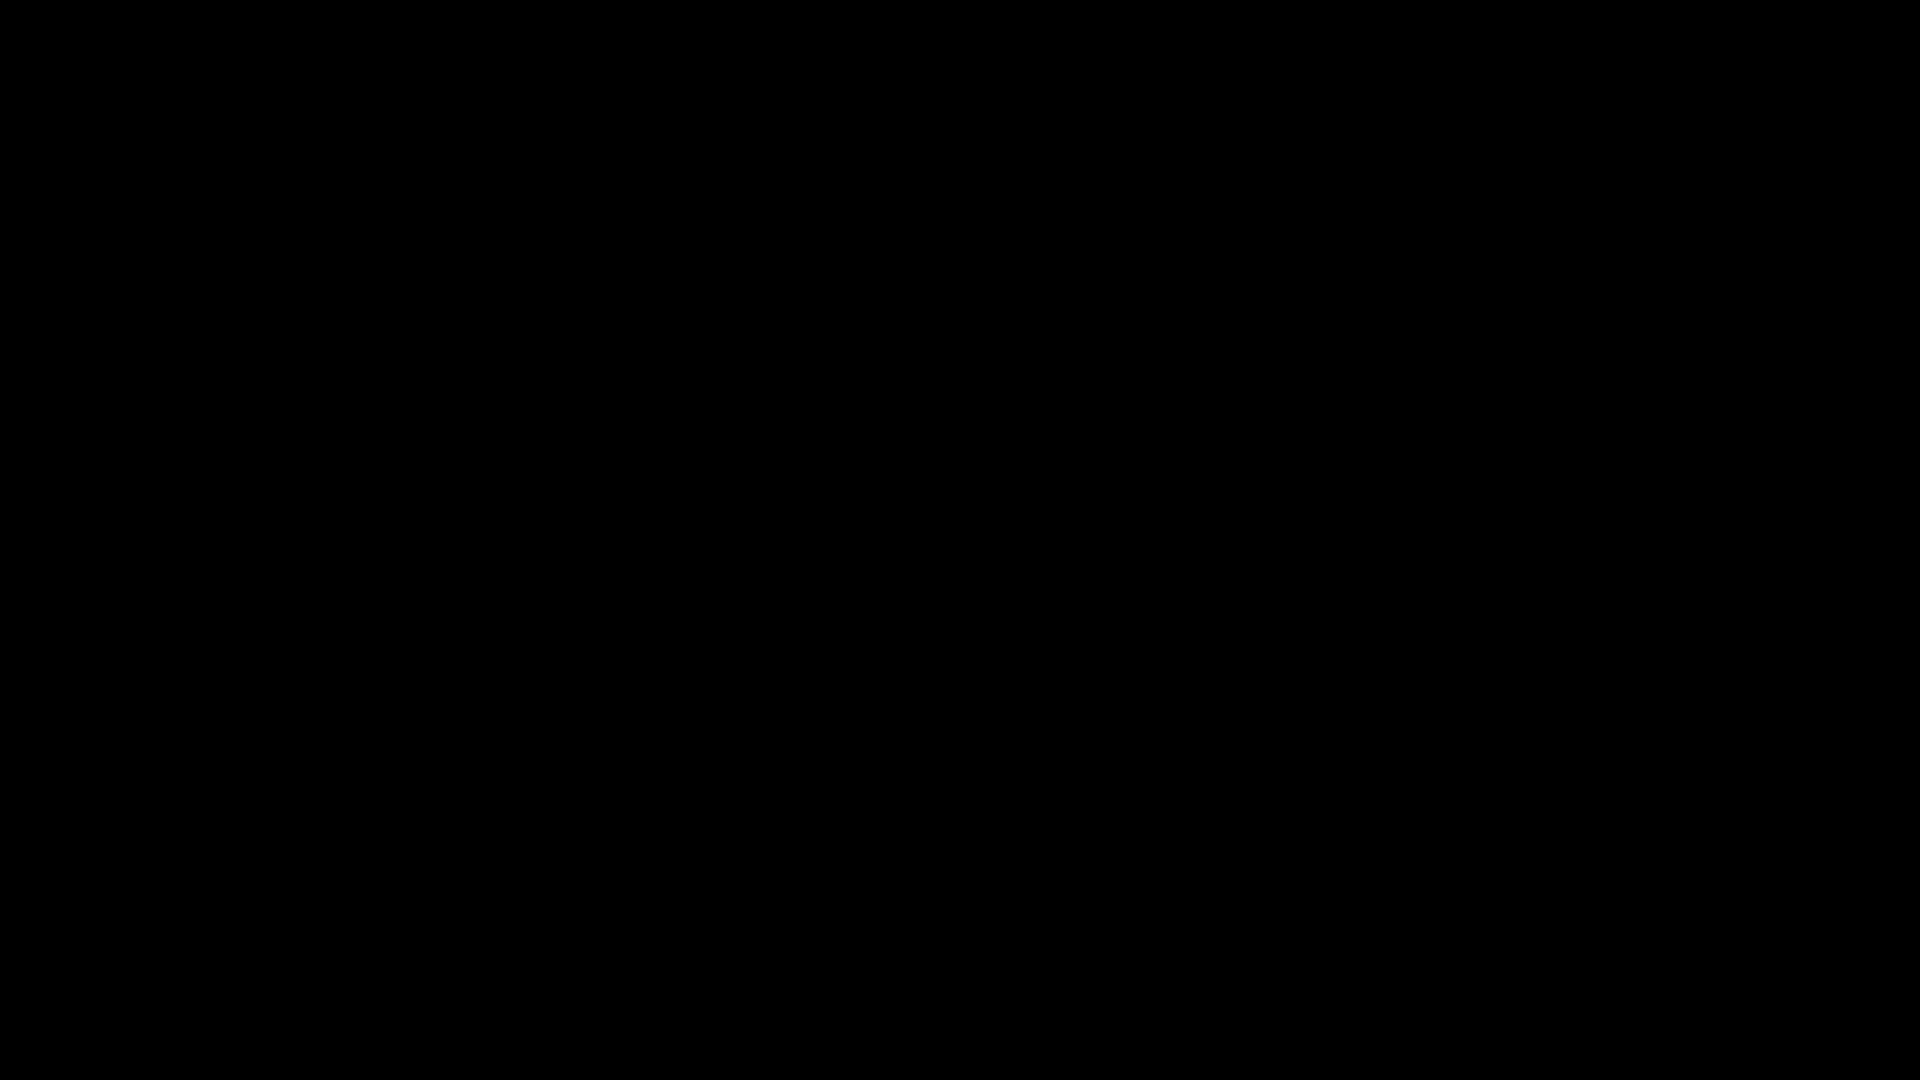 פלדה טרומי מבנה מחסן תוצרת סין טרומי מפעל בניין